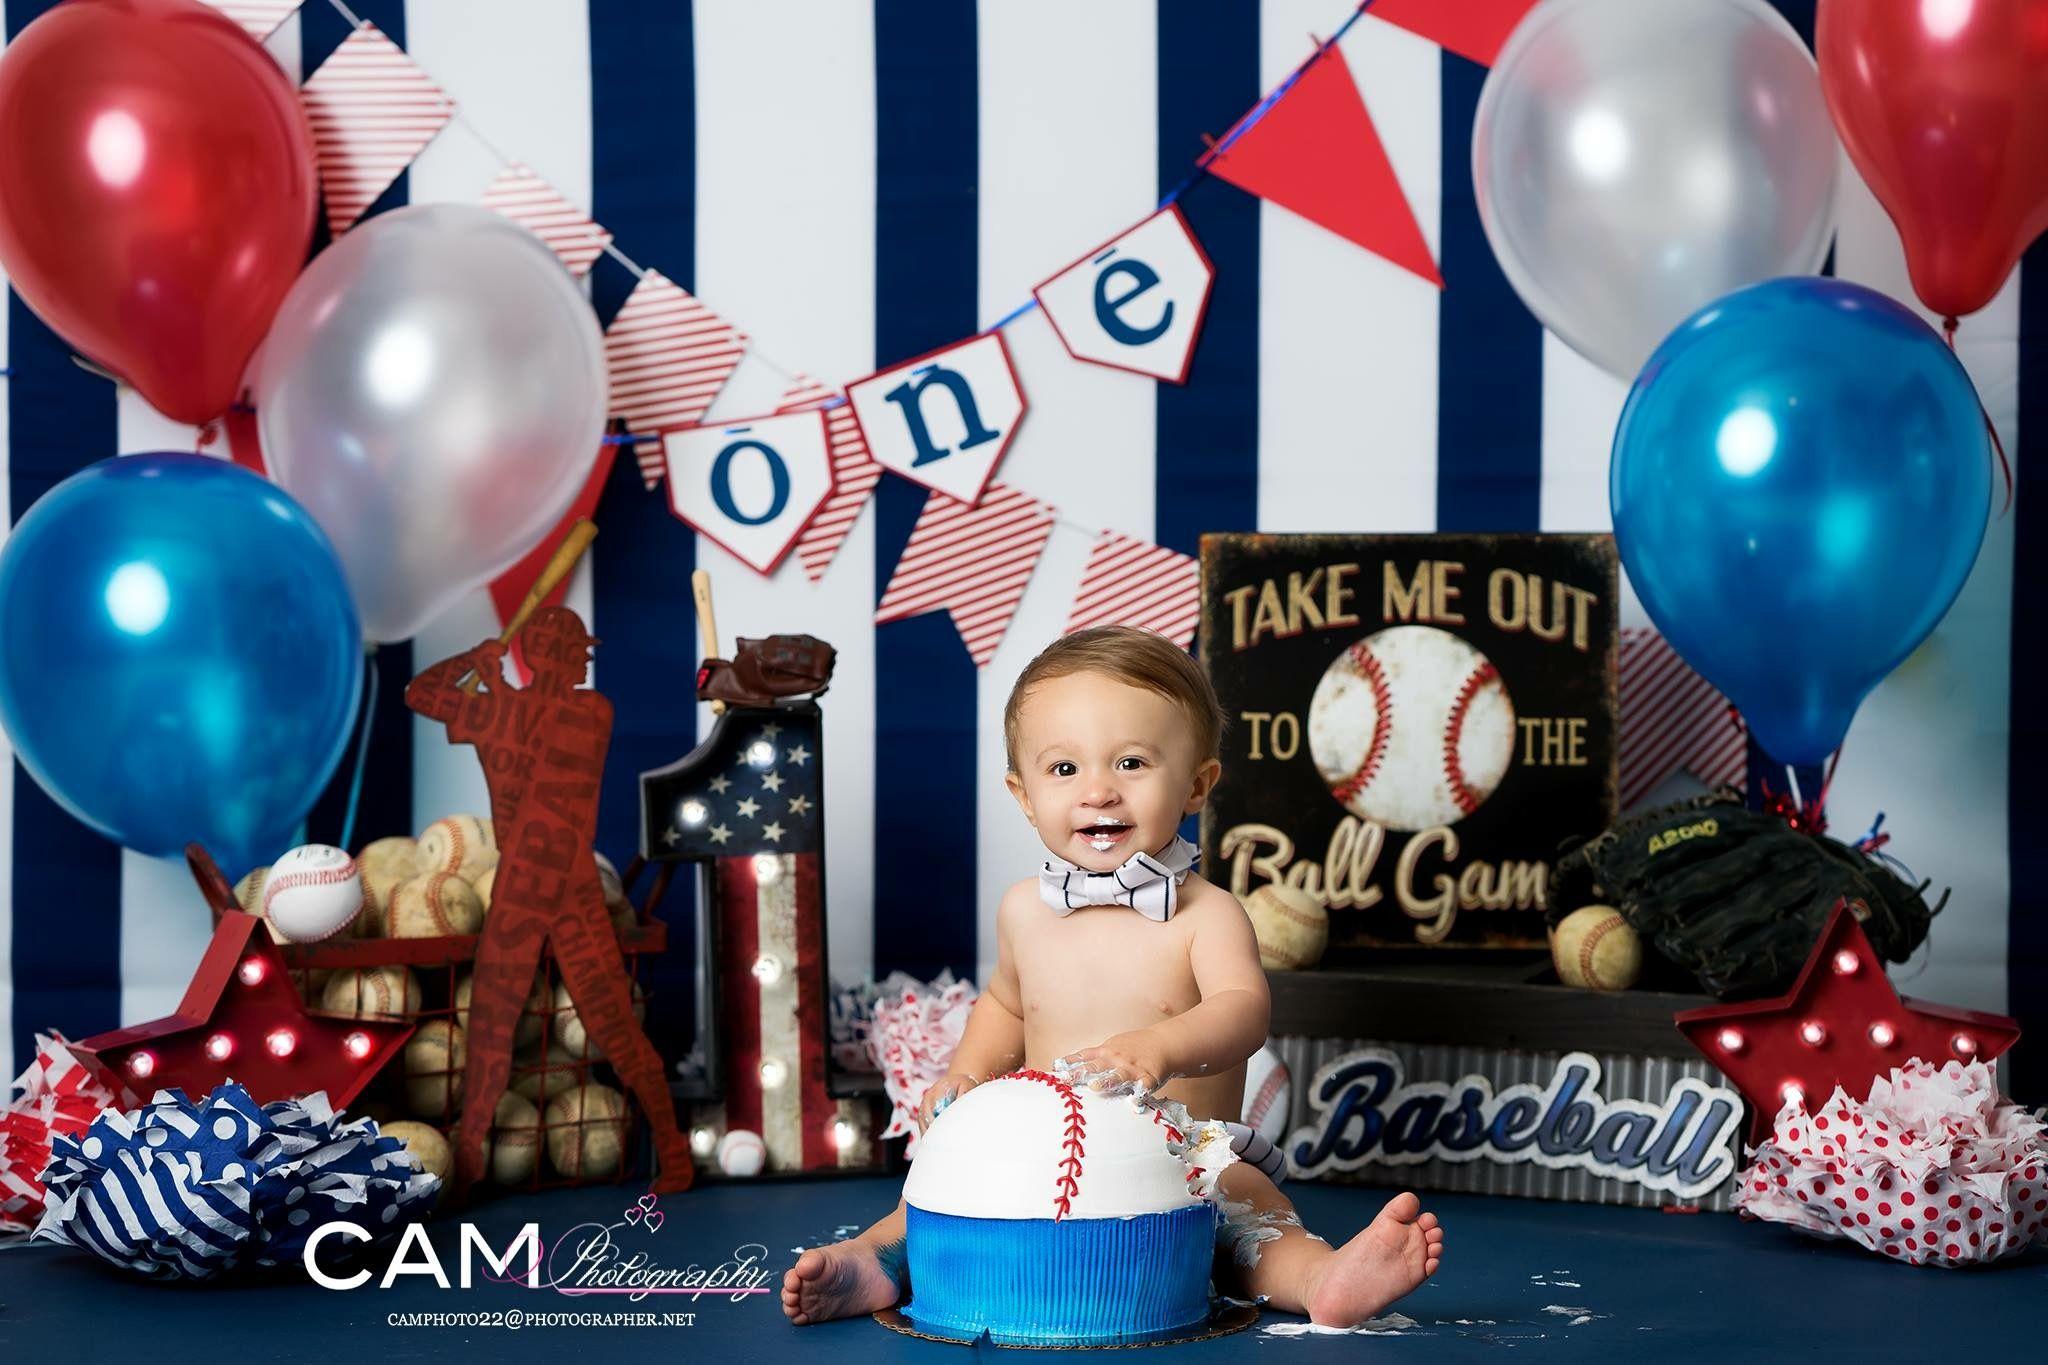 Baseball First Birthday Photo Shoot First Birthday Cake Smash Photo Theme Ide 1st Birthday Boy Themes 1st Birthday Themes Birthday Themes For Boys